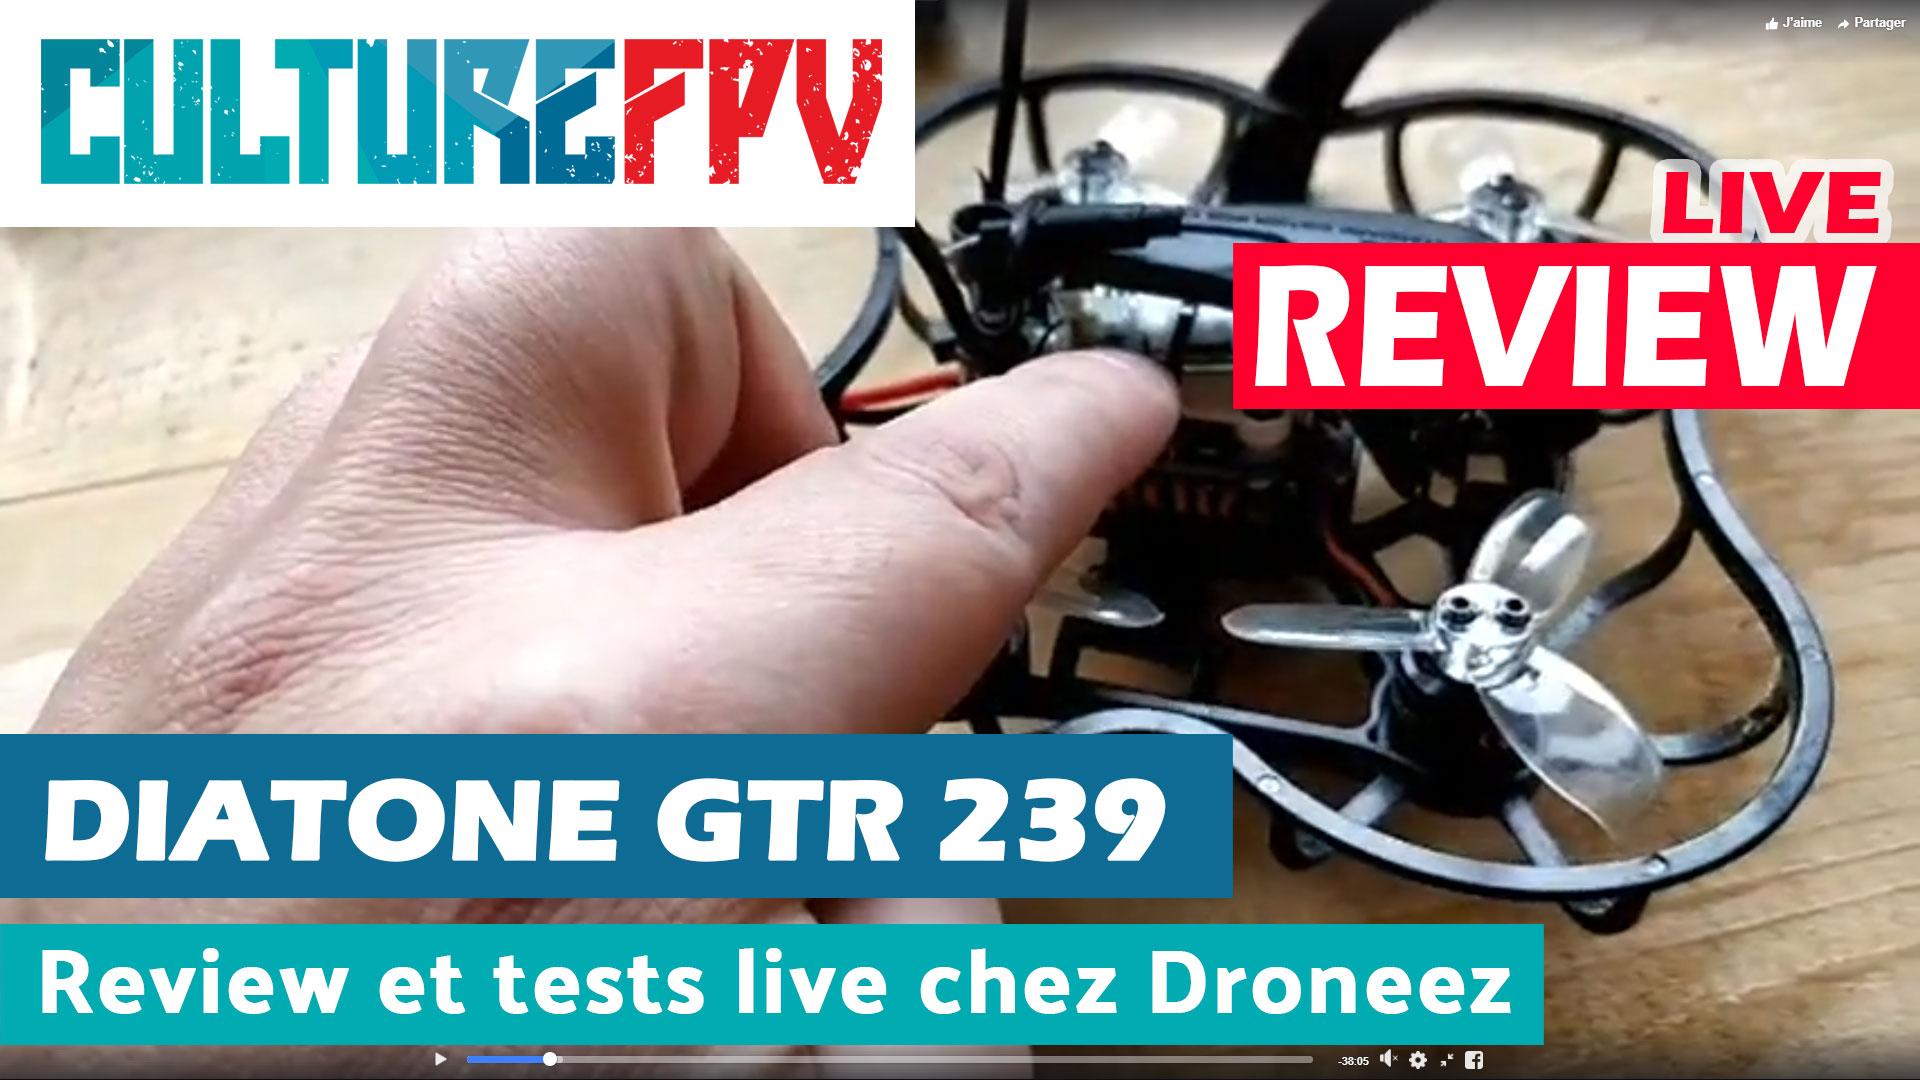 Diatone GTR 239